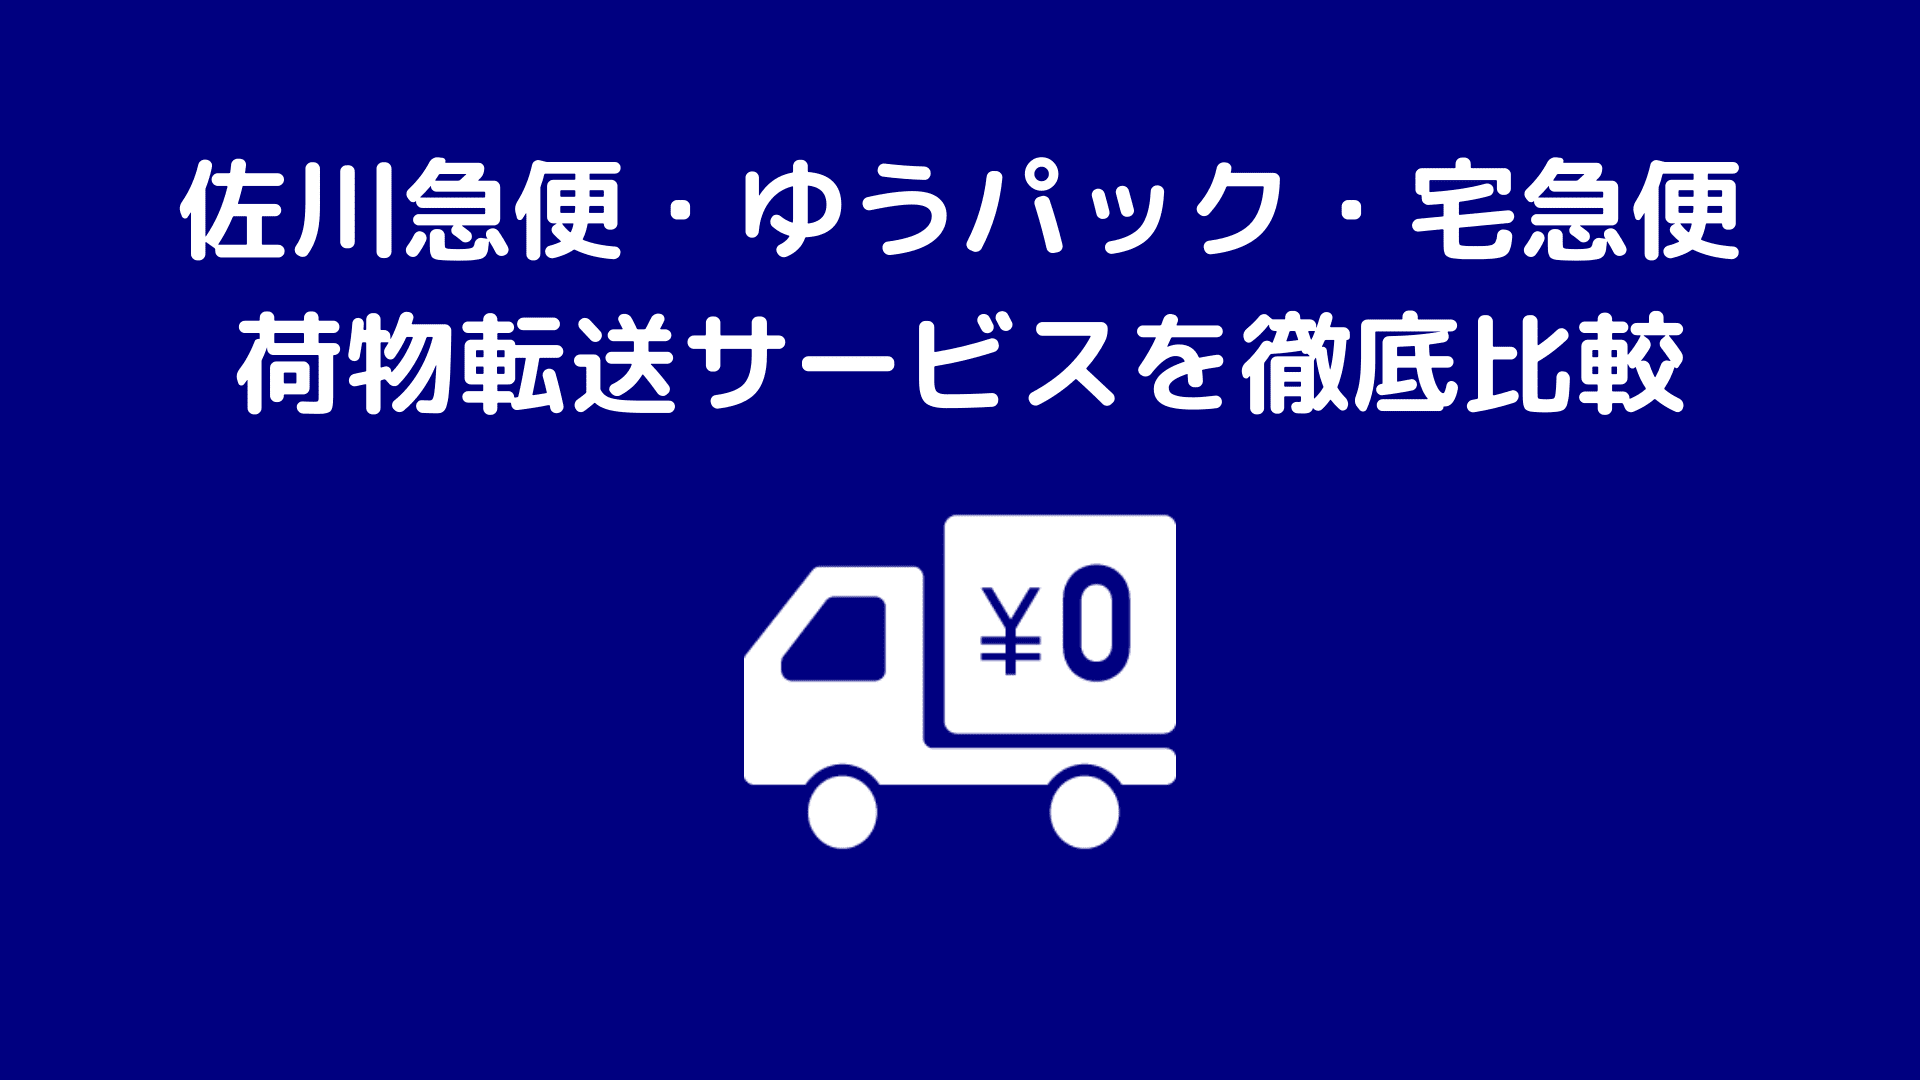 佐川急便・ゆうパック・宅急便荷物転送サービスを徹底比較